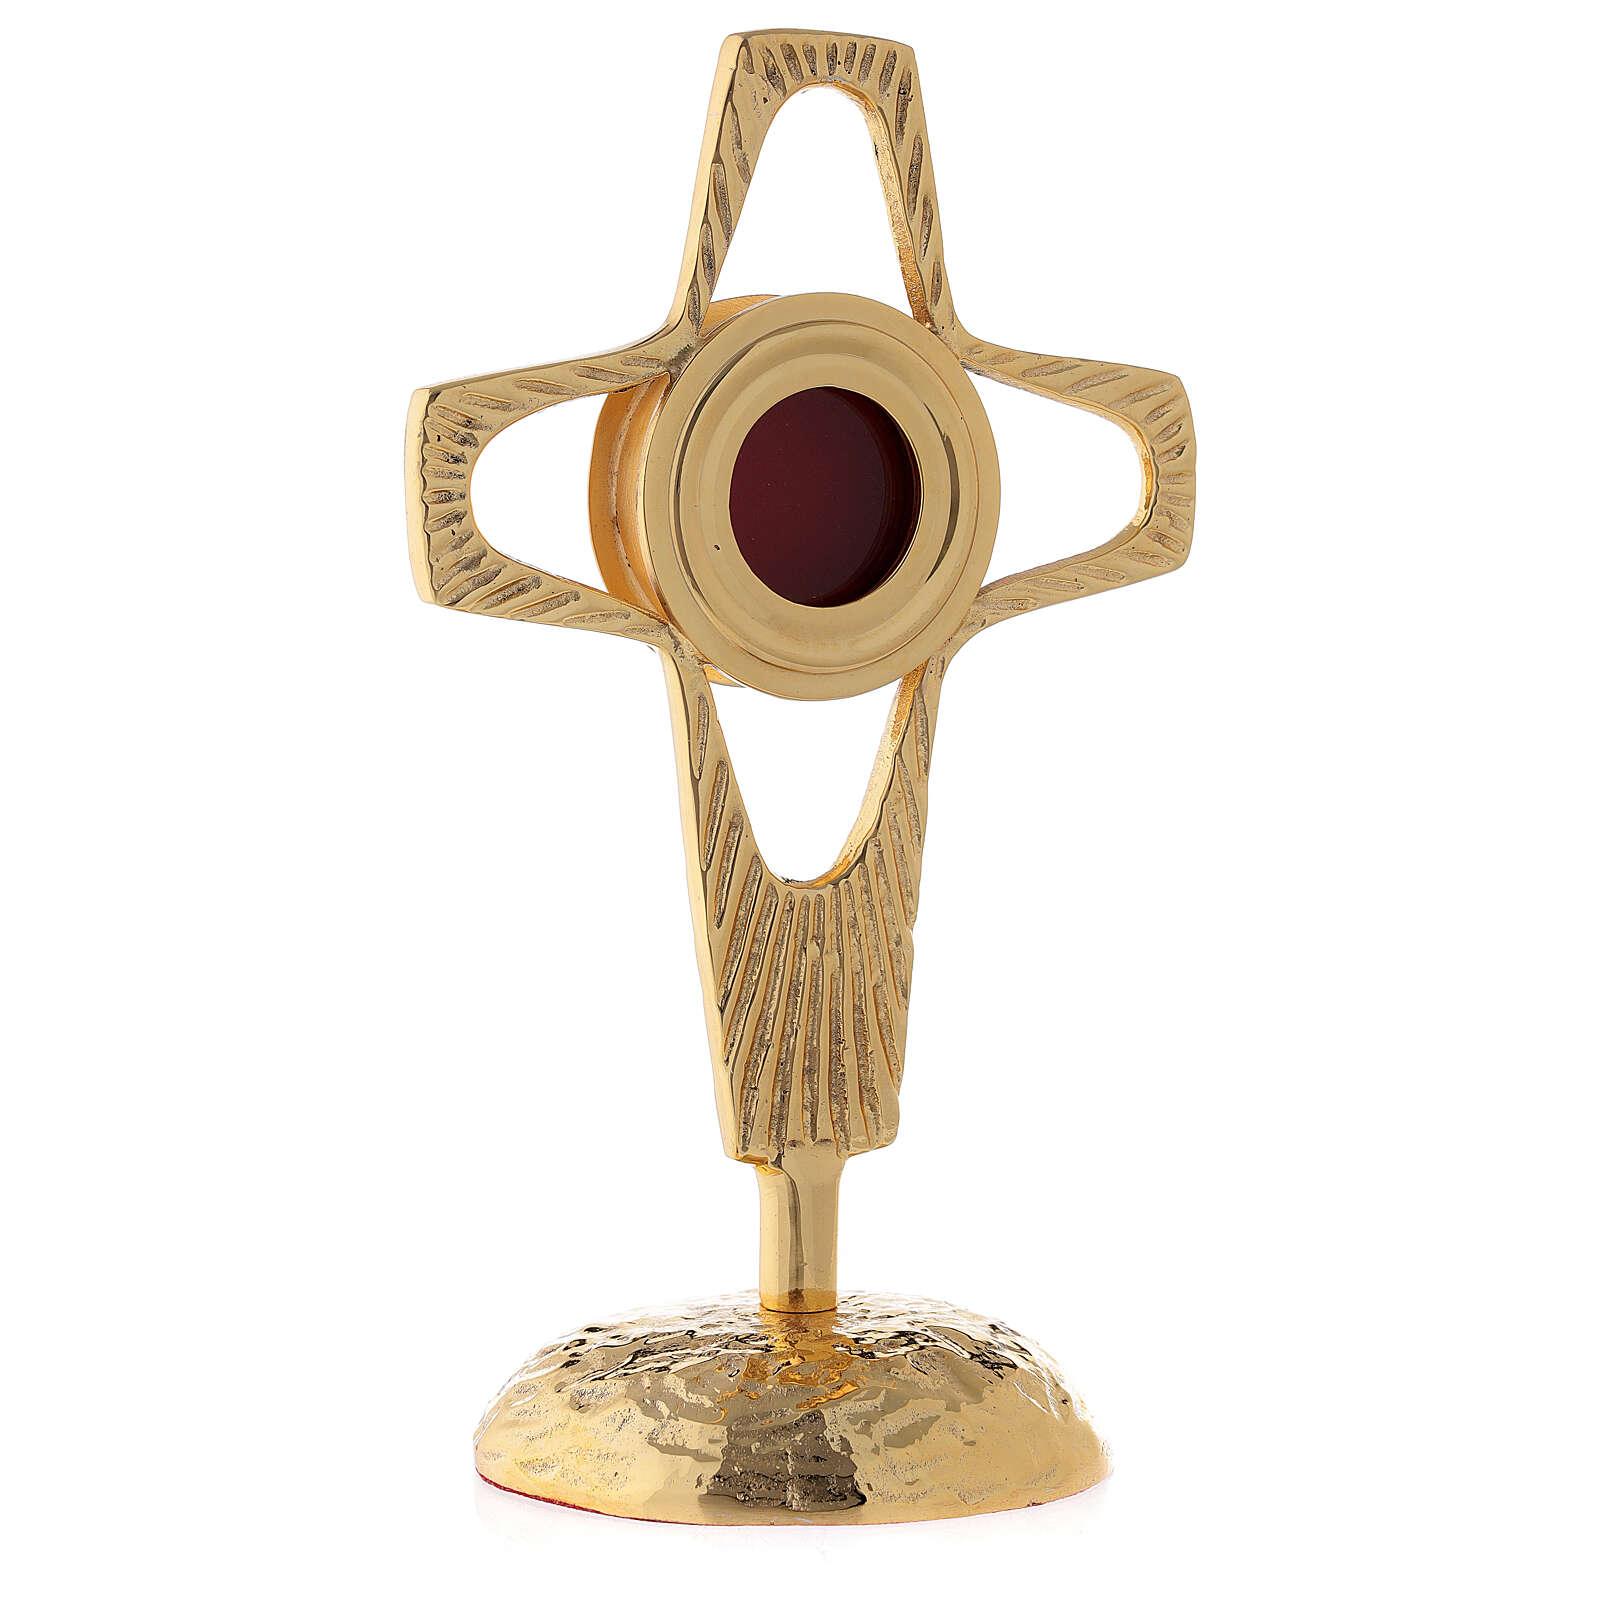 Reliquiario croce traforata teca tonda ottone dorato 20 cm 4